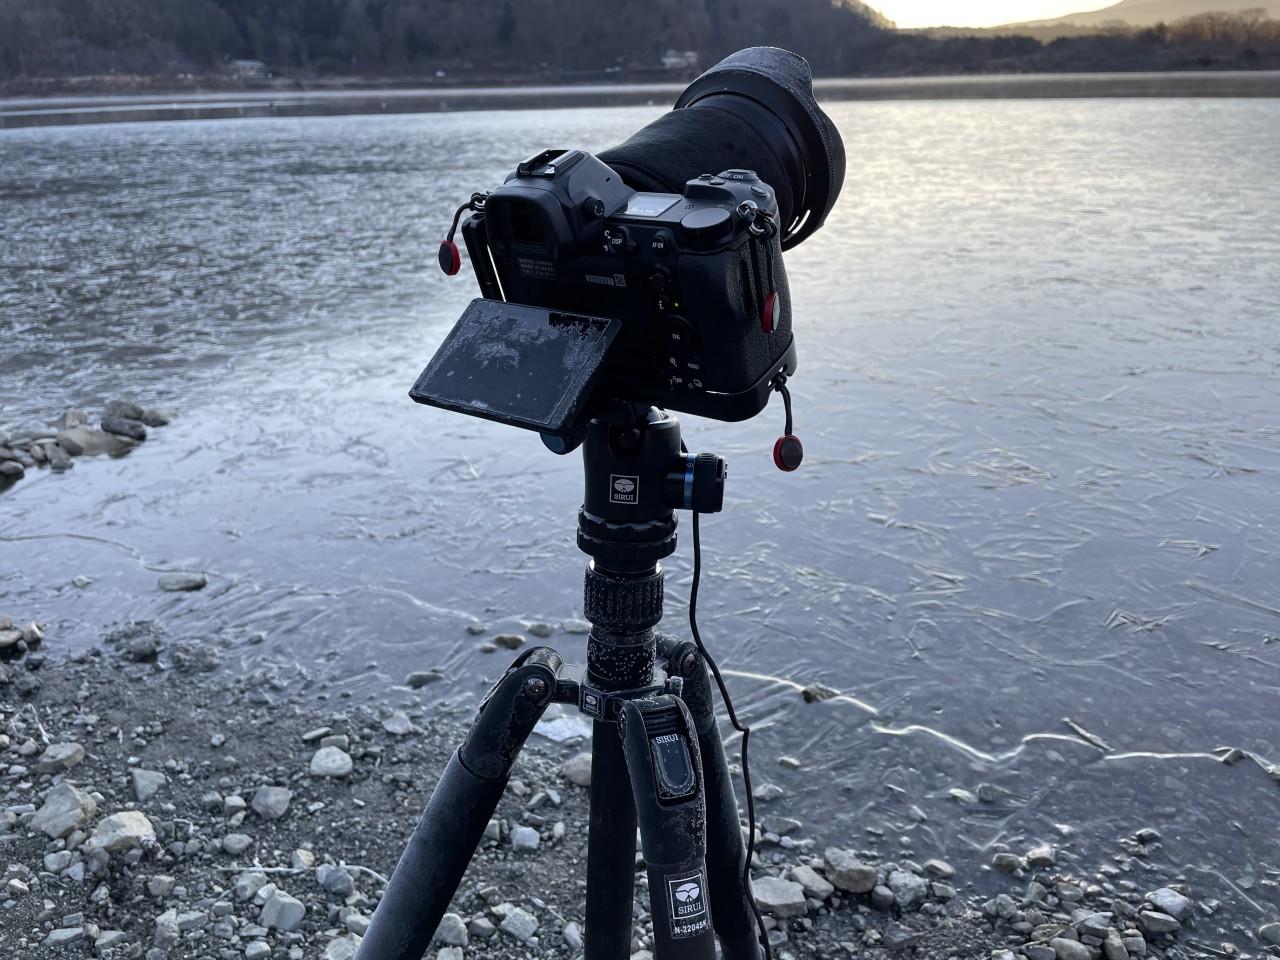 精進湖の湖畔で凍ってしまったカメラと三脚